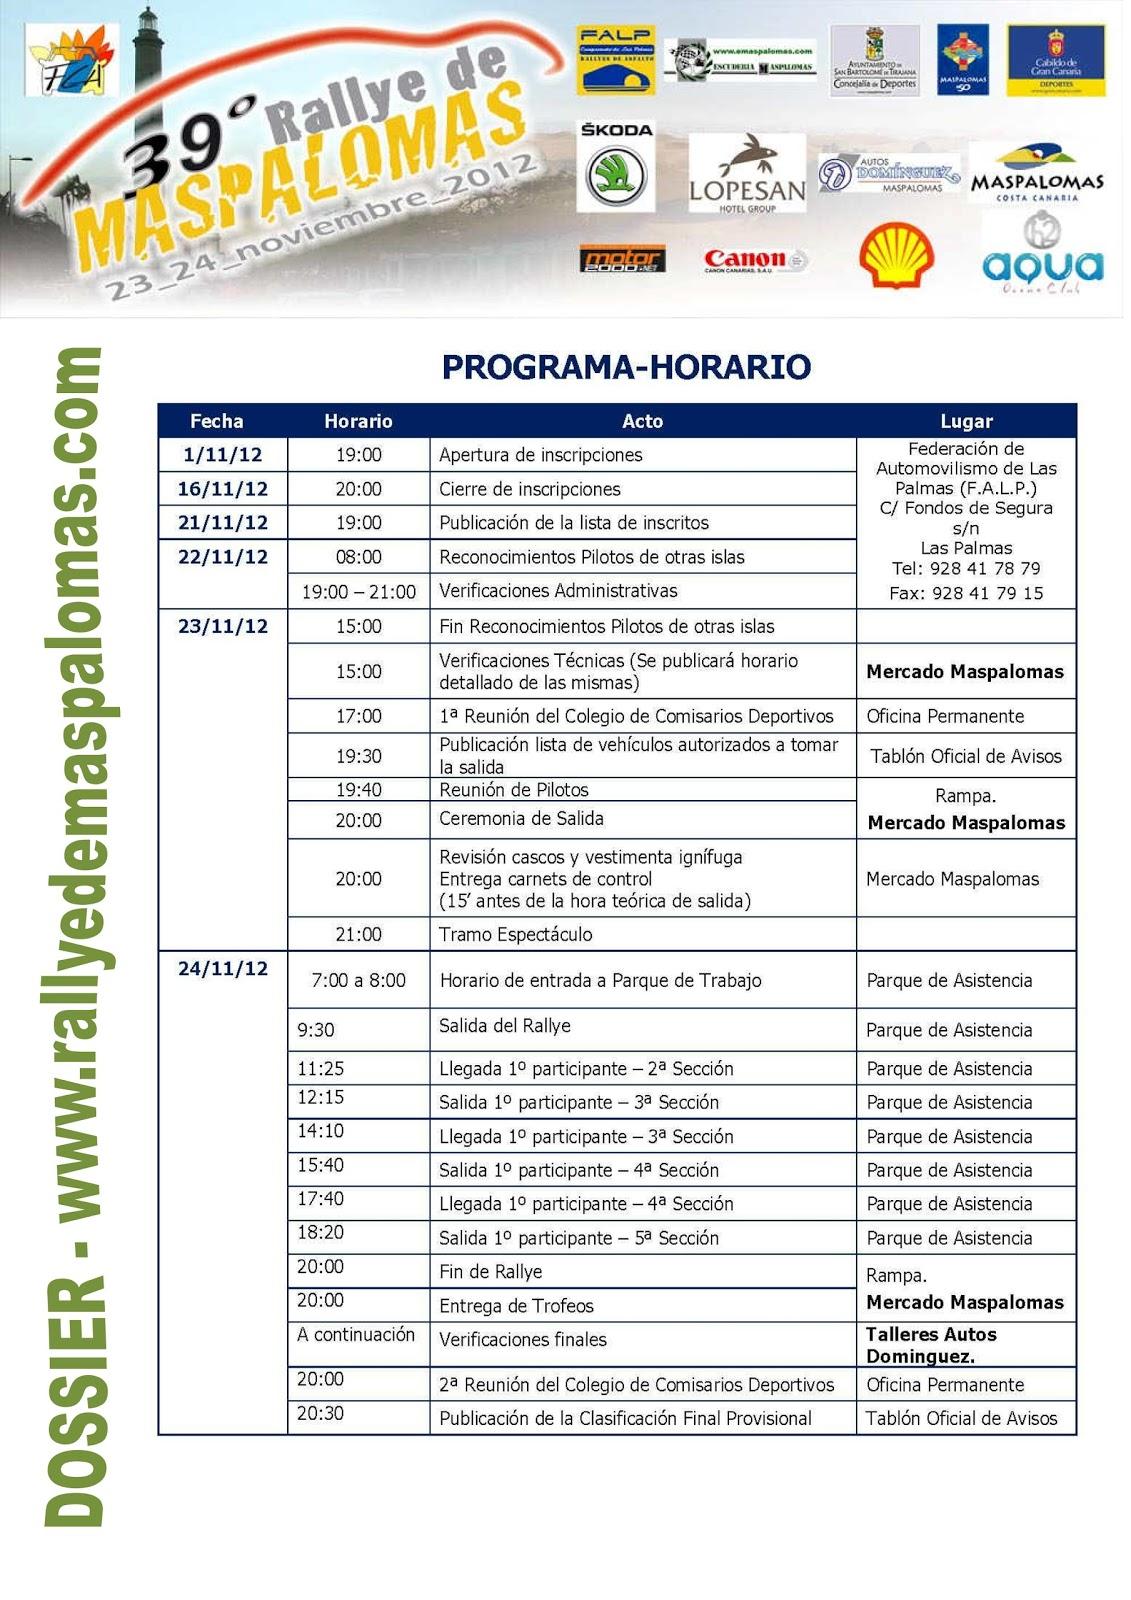 Rally de maspalomas 2012 programa horario ruta for Jardin canario horario